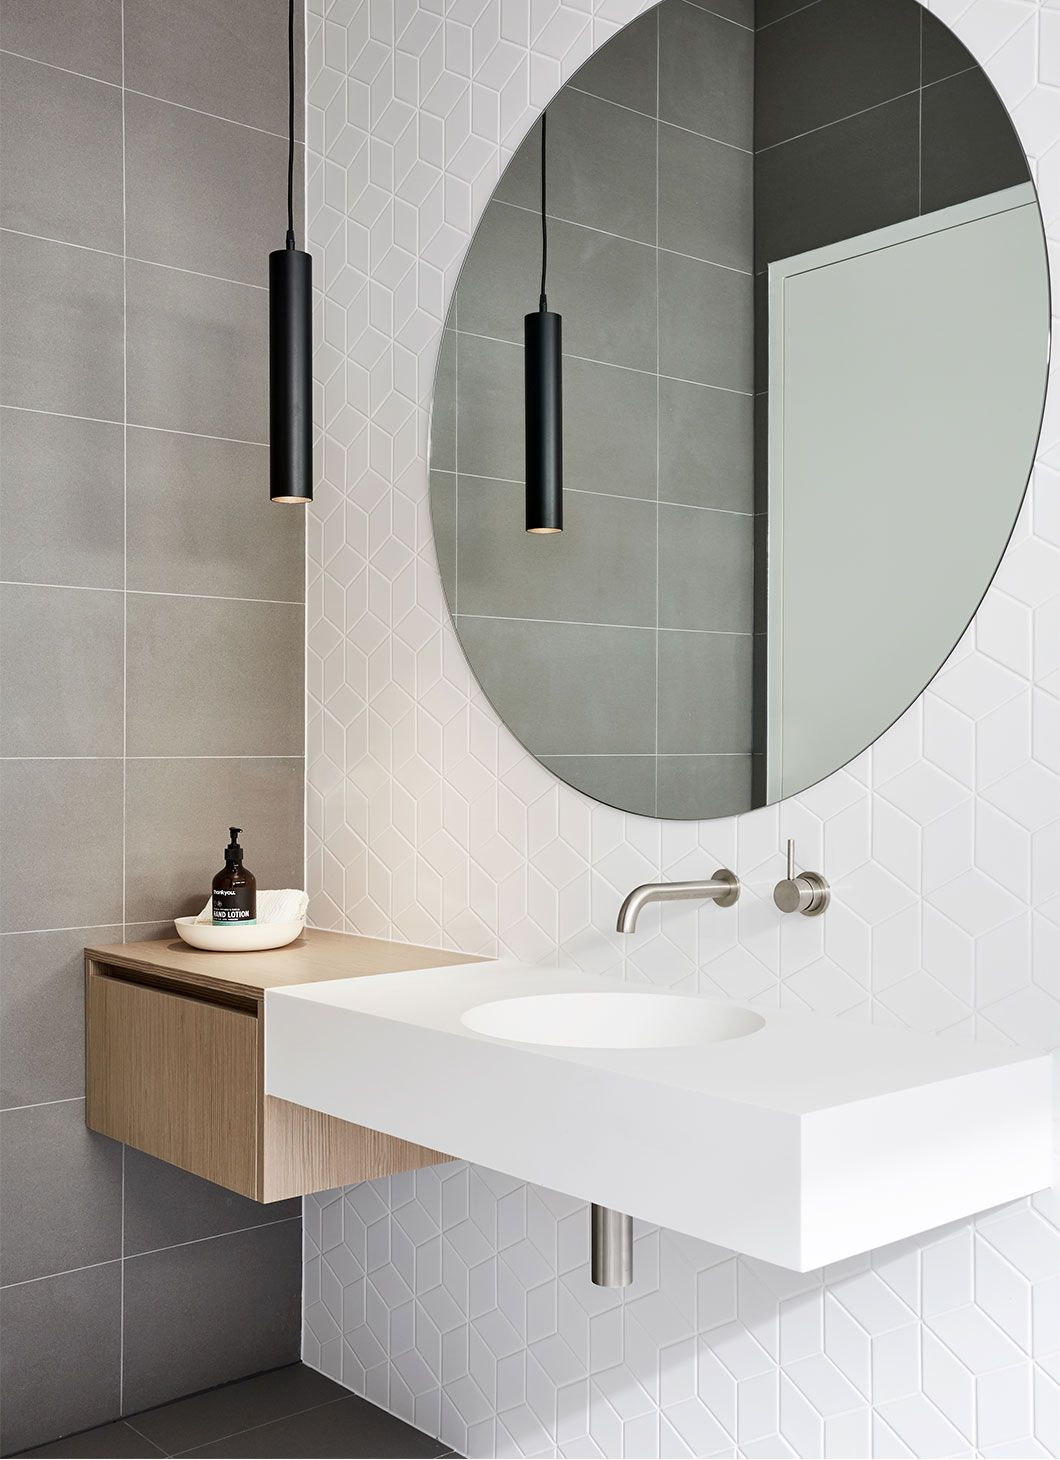 ZUNICA DESIGN | ZUNICA - Interior Architecture and Design Melbourne ...